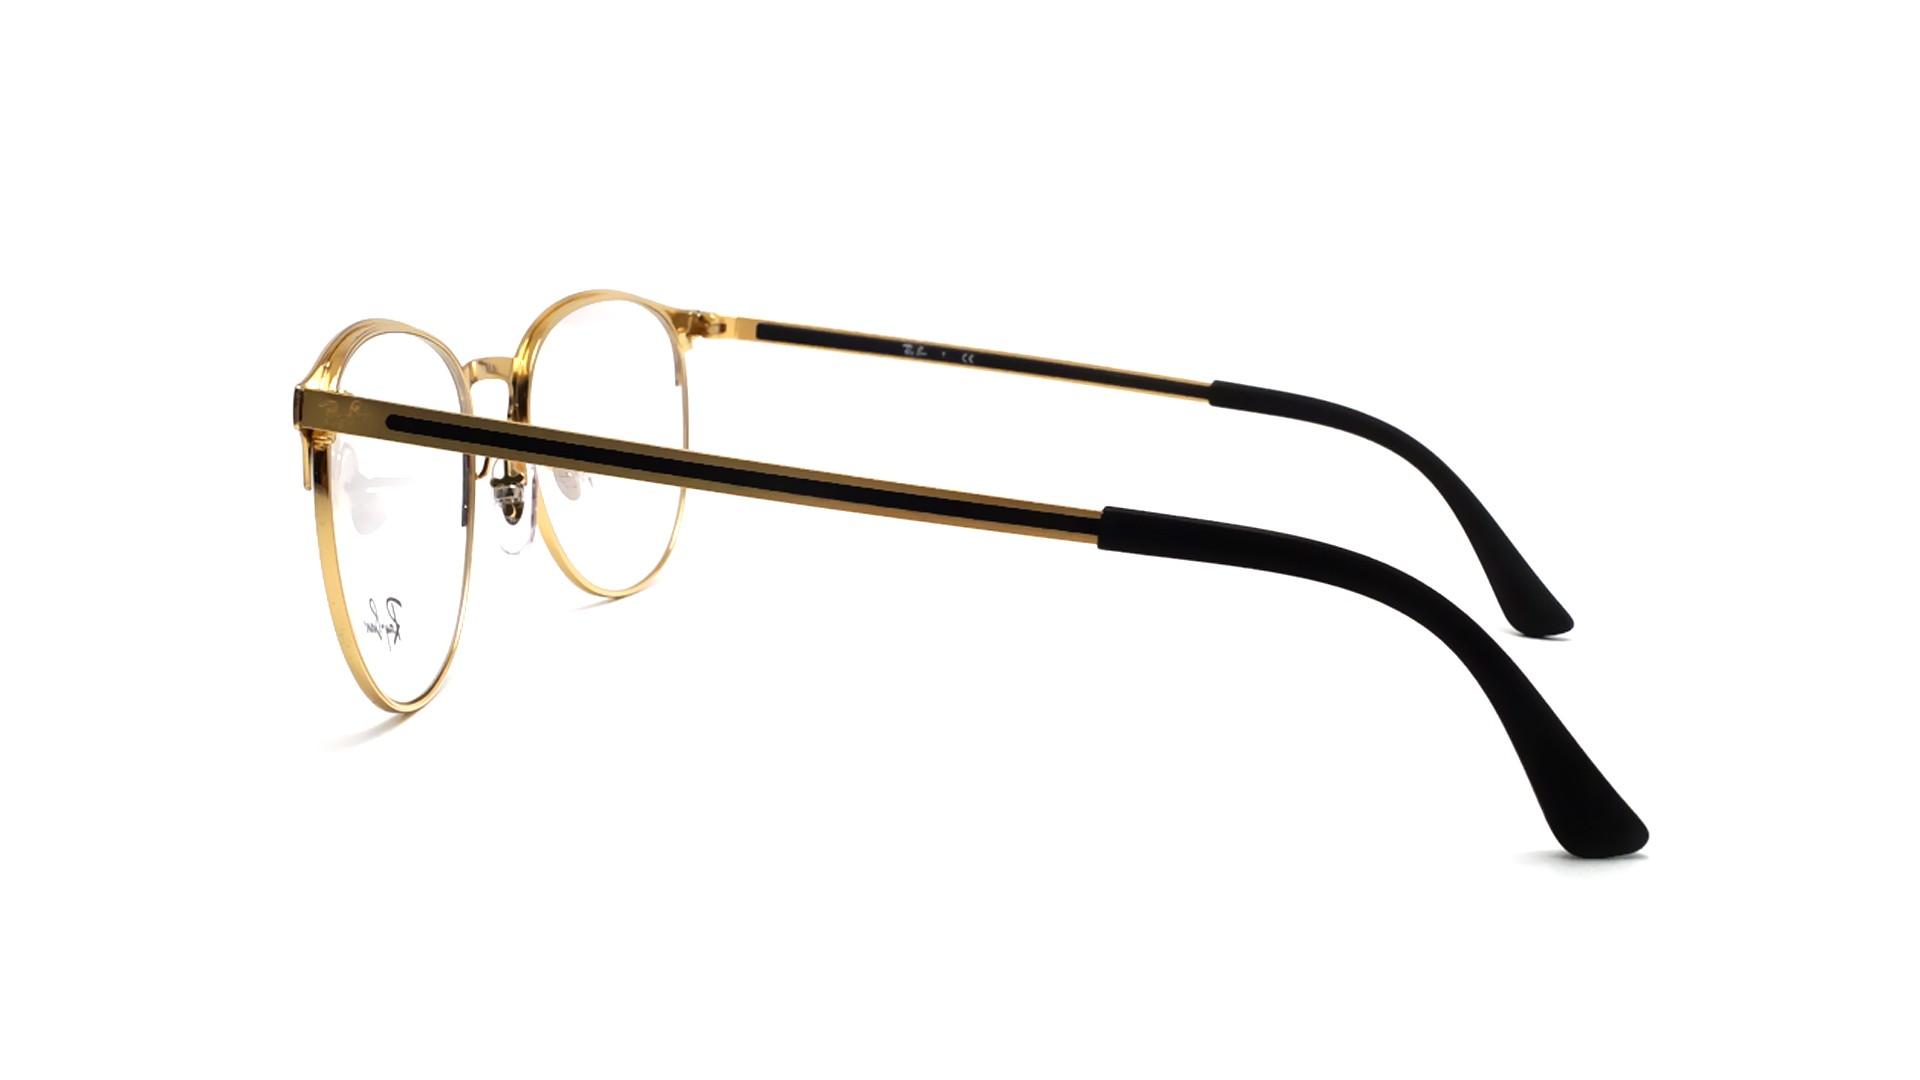 fc6f2e51c1 Eyeglasses Ray-Ban RX6375 RB6375 2890 51-18 Black Medium